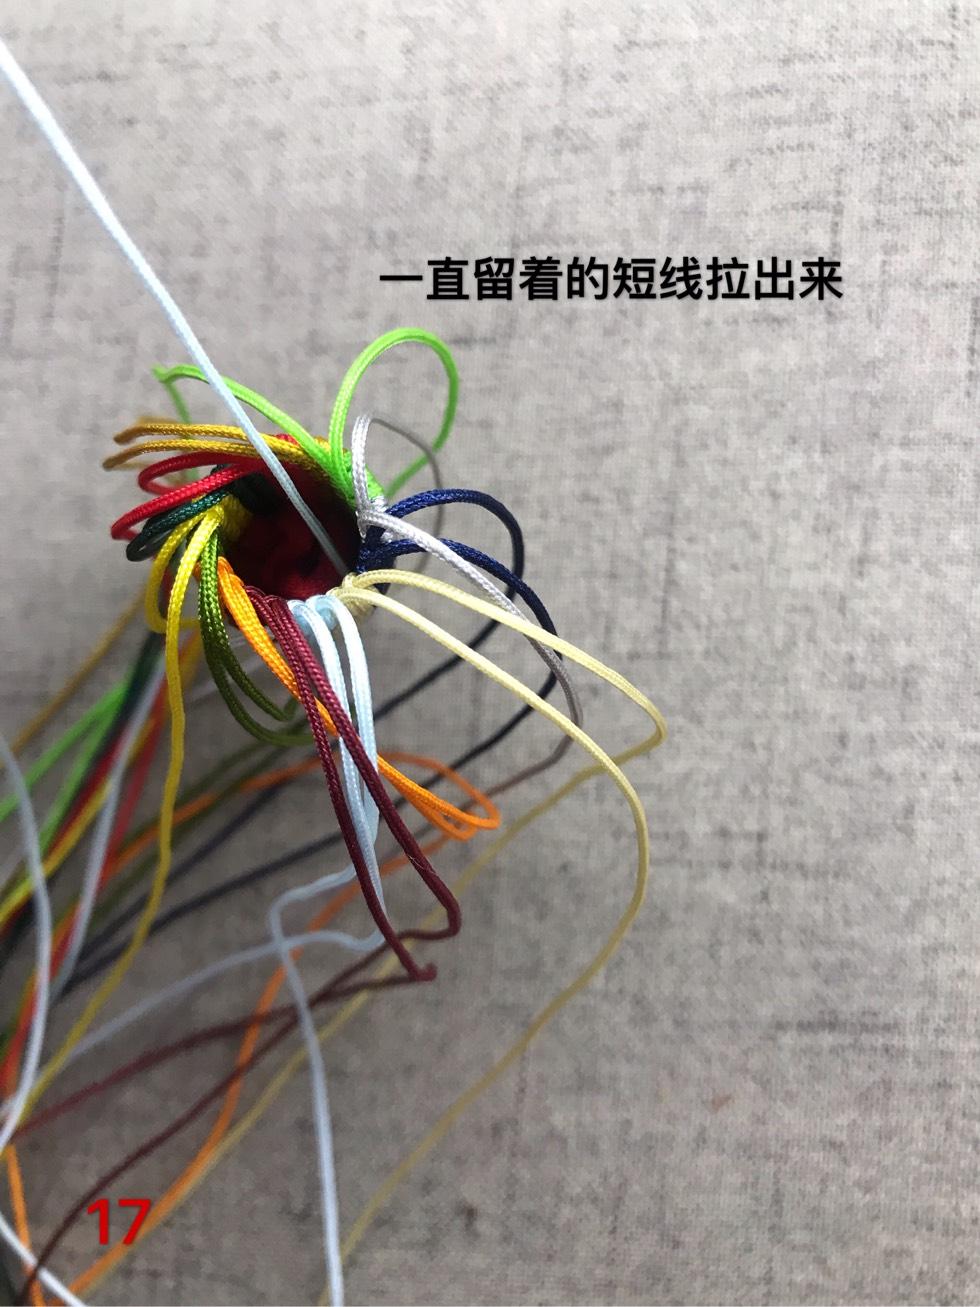 中国结论坛 迷你藏式转经筒  图文教程区 135340zz9aoallupmyz8dm